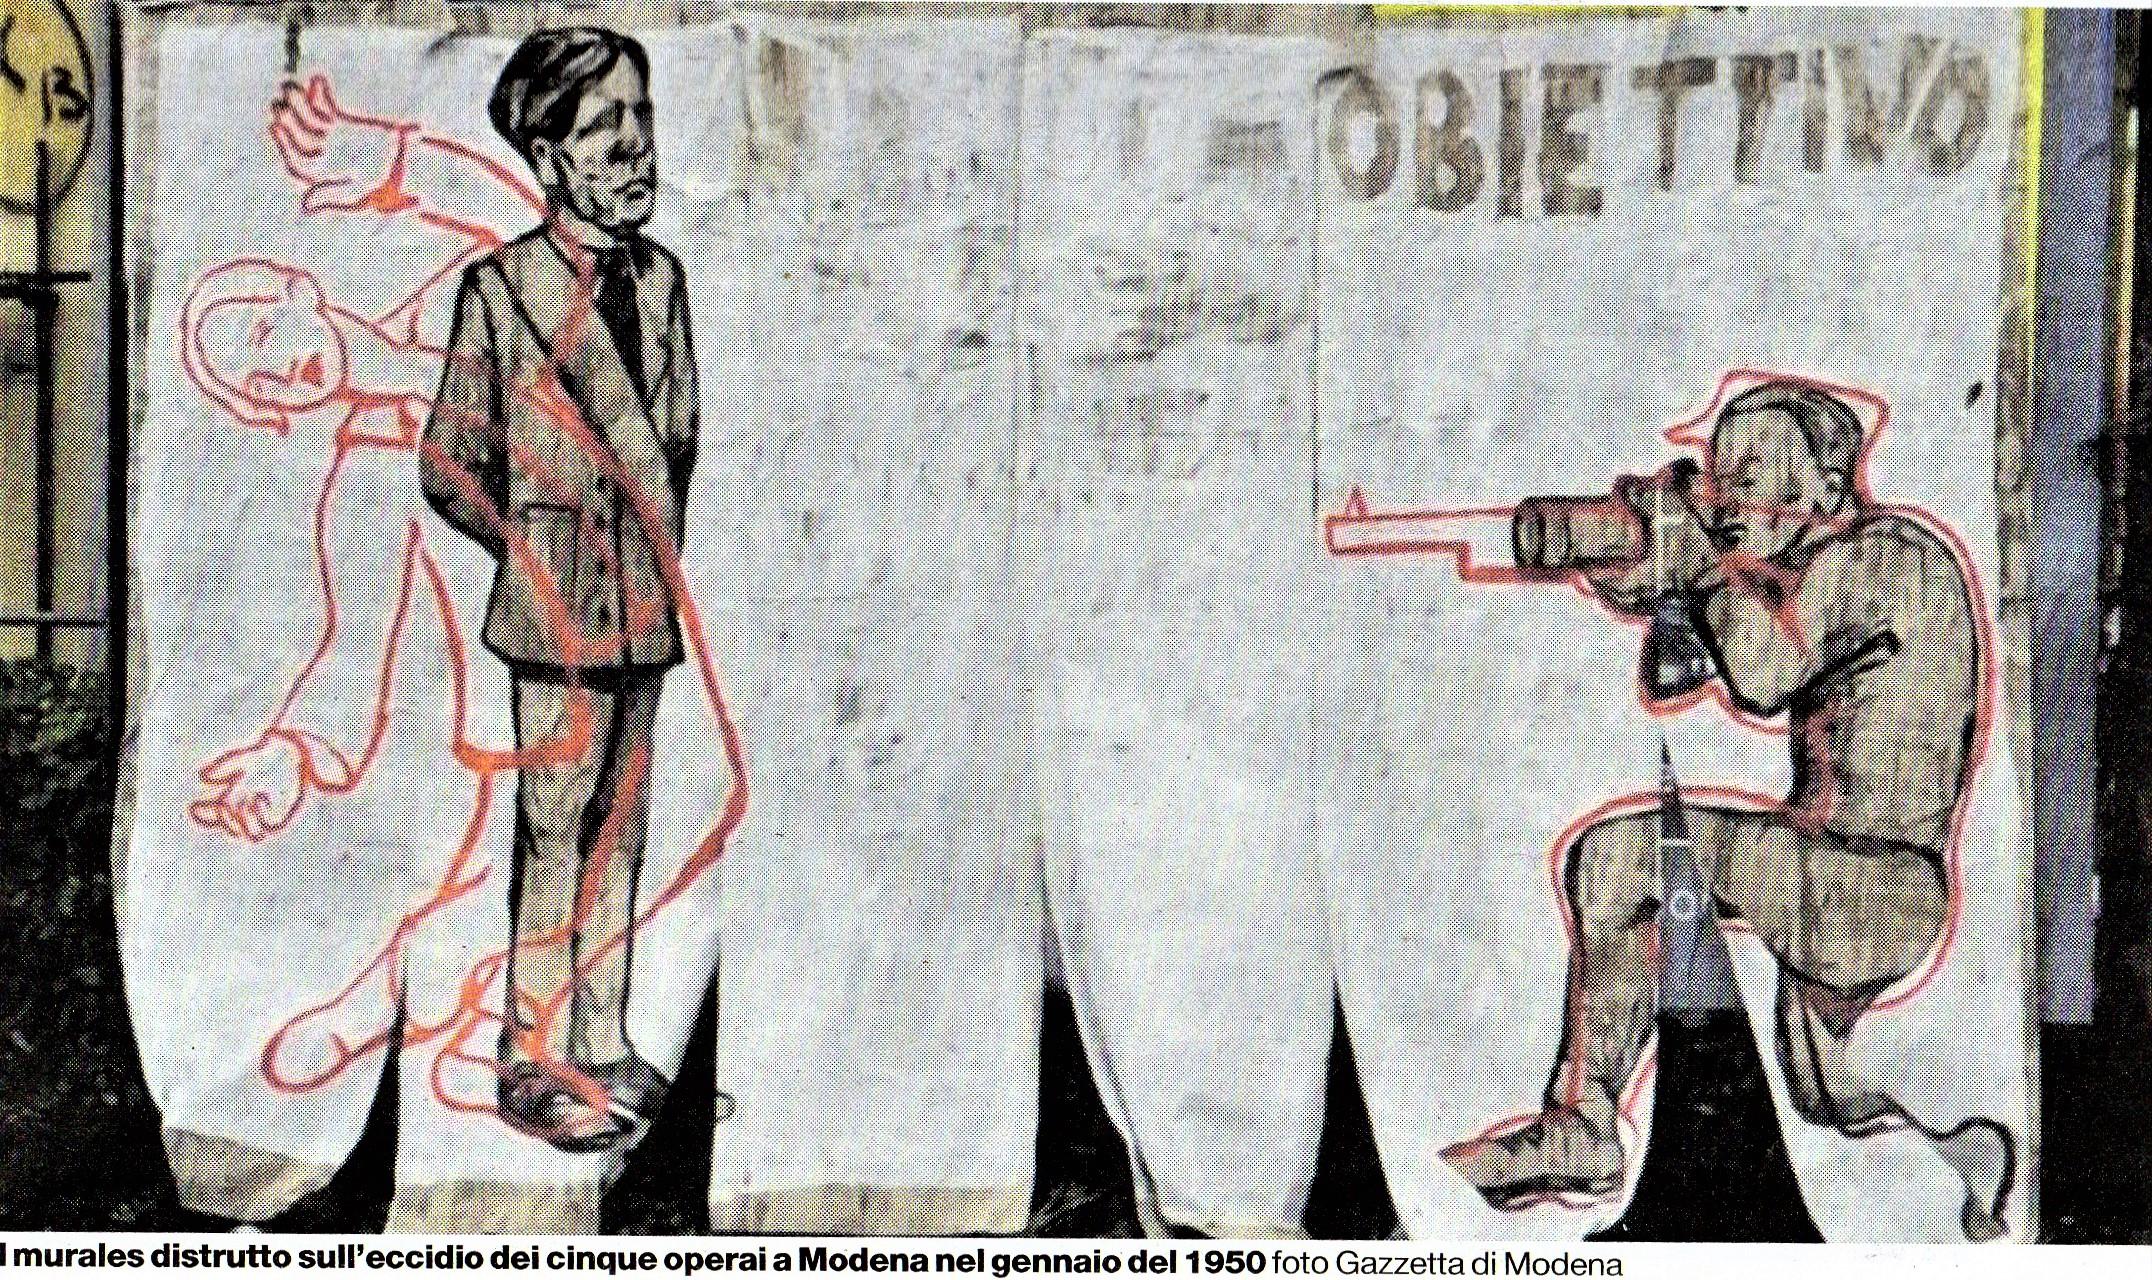 Il Sindaco e il Consiglio Comunale devono autorizzare: Un muro dipinto per i sei operai uccisi il 9 gennaio 1950